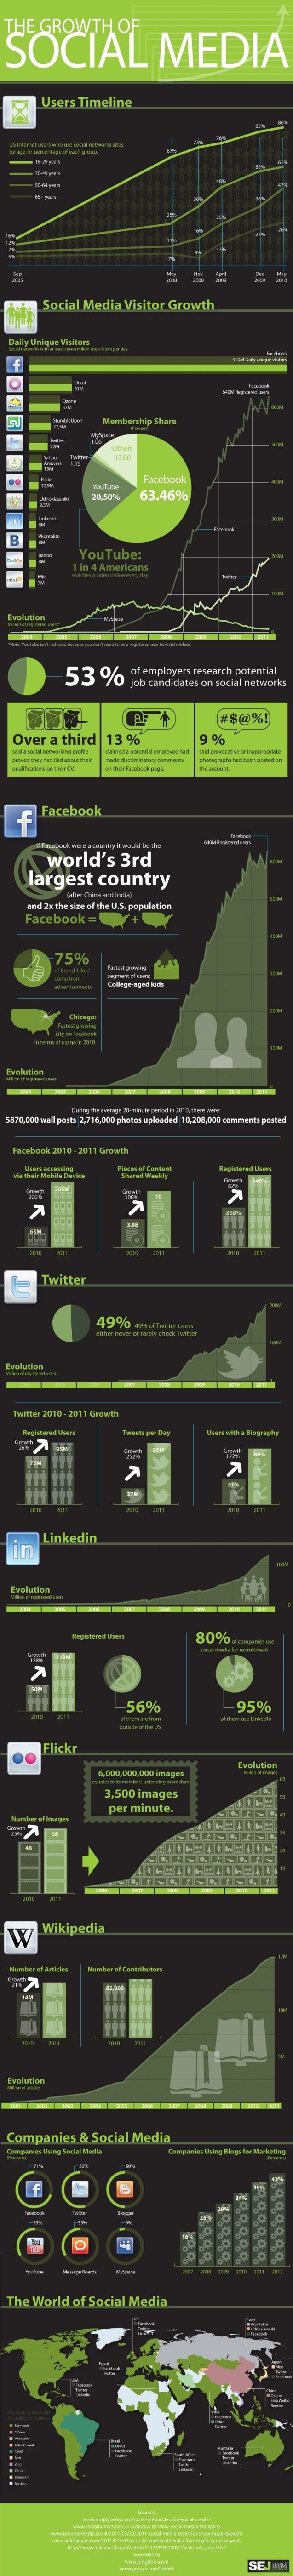 L'évolution des réseaux sociaux en 1 image